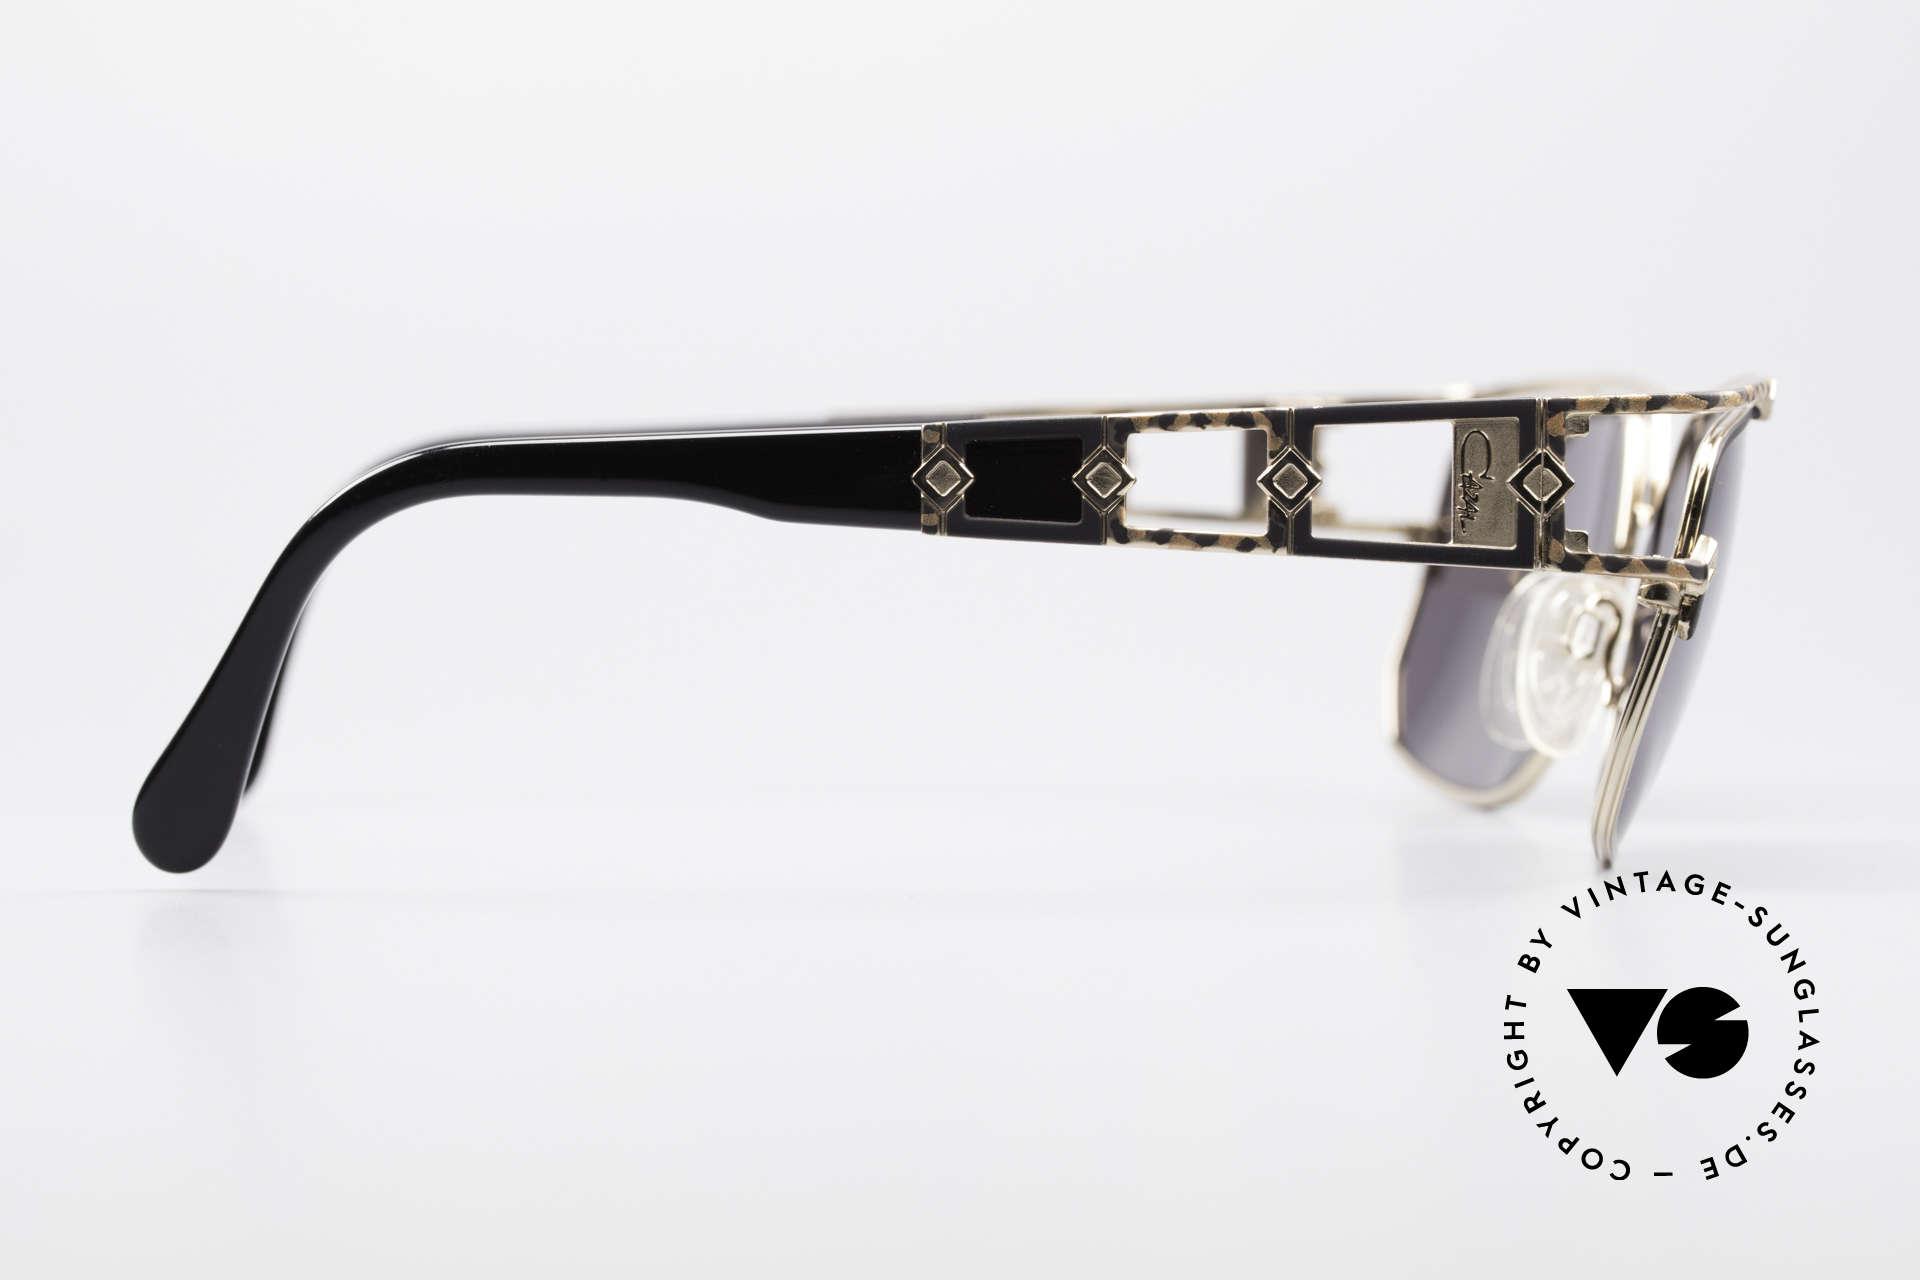 Cazal 979 Vintage Damen Sonnenbrille, KEINE RETRO BRILLE, sondern ein vintage ORIGINAL, Passend für Damen